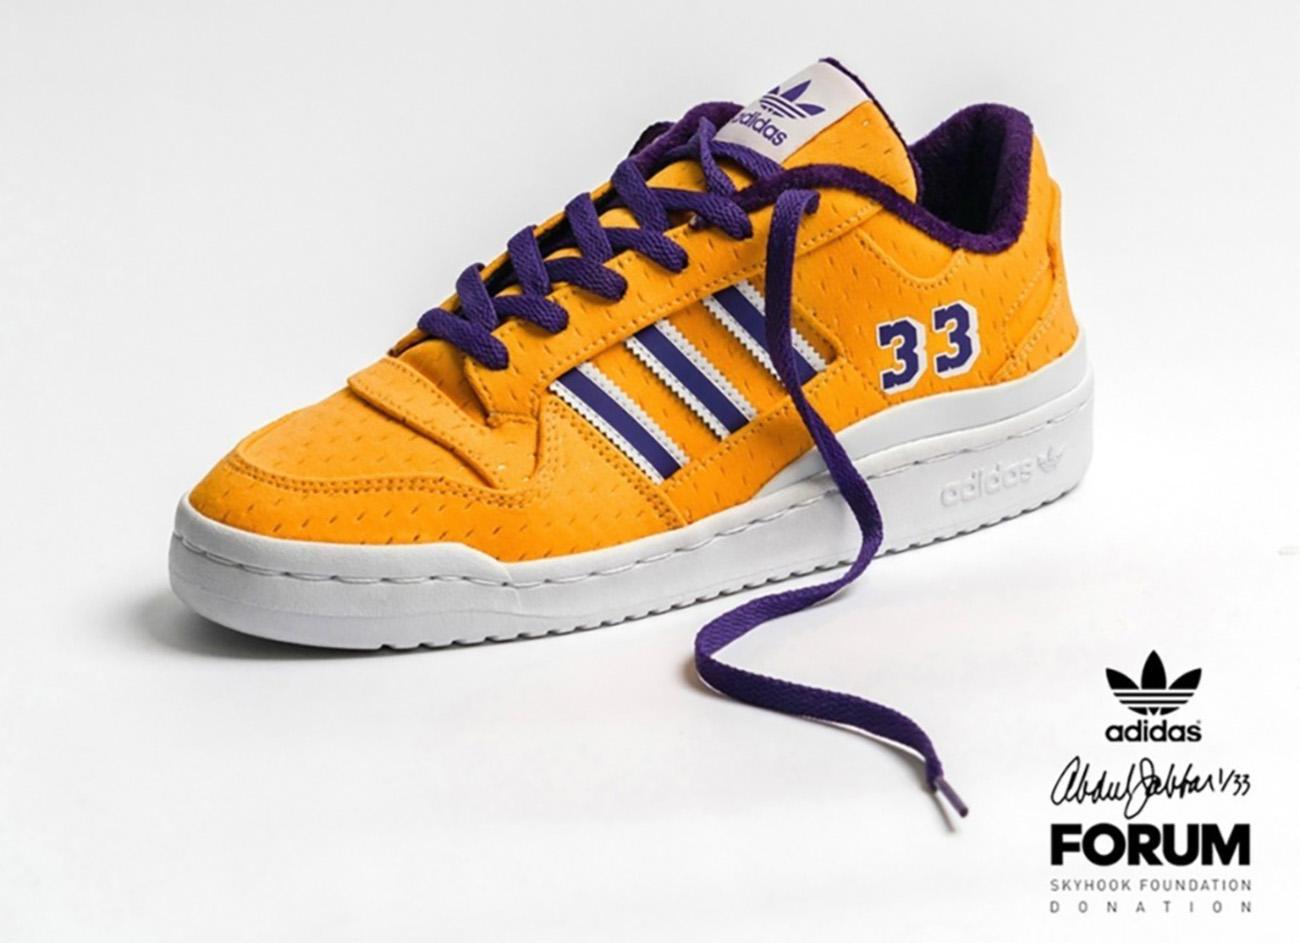 Δείτε τα sneakers των 1.000 δολαρίων του Καρίμ Αμπντούλ Τζαμπάρ